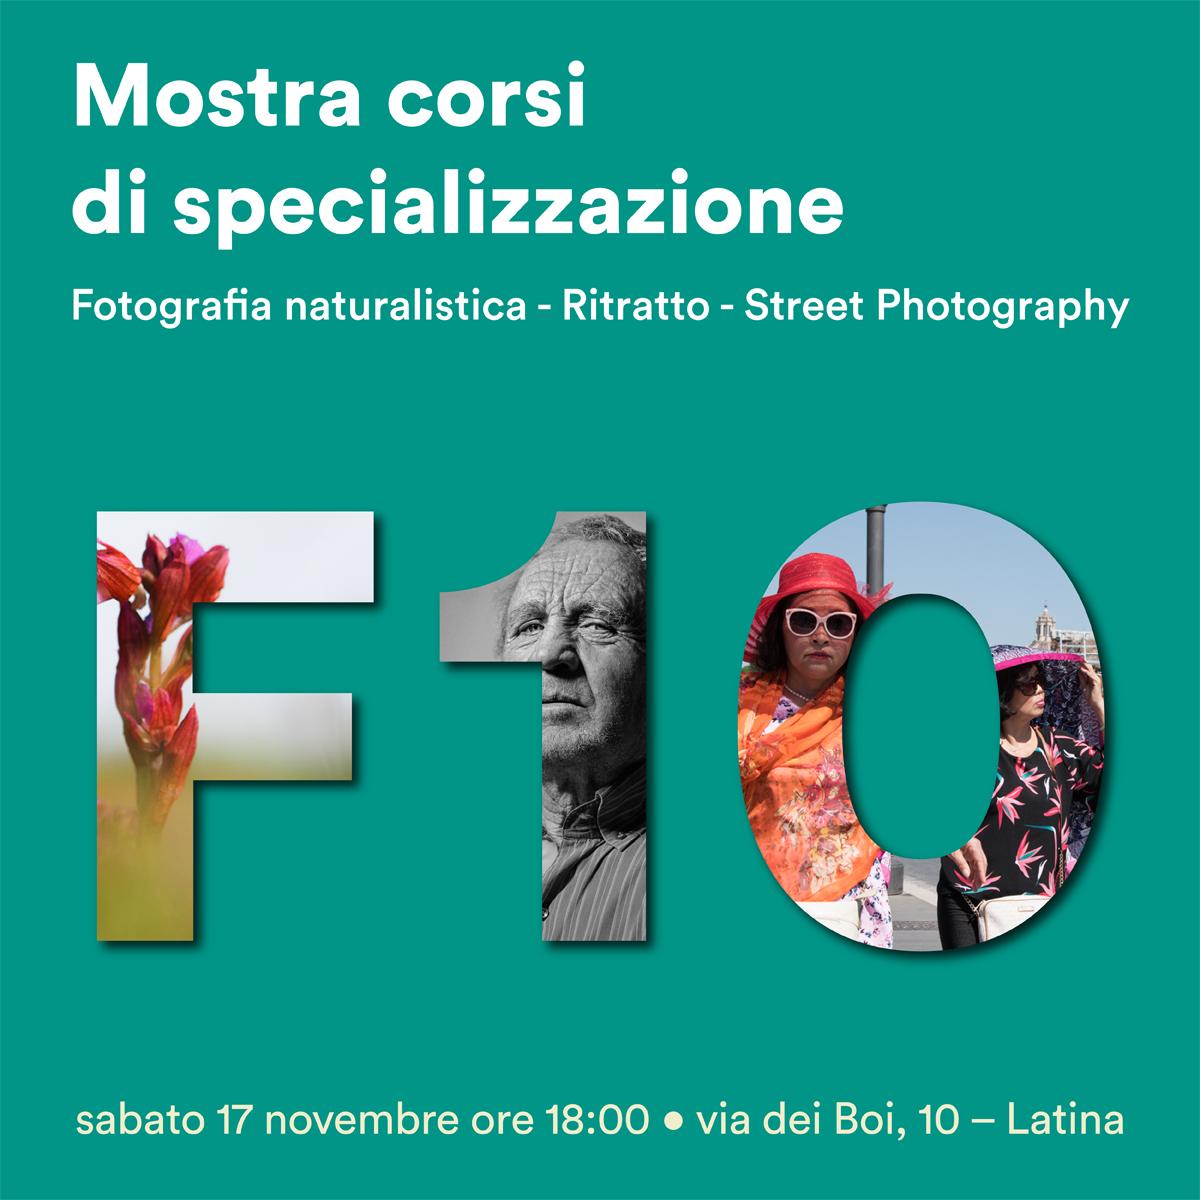 Mostra fotografica corsi di specializzazione